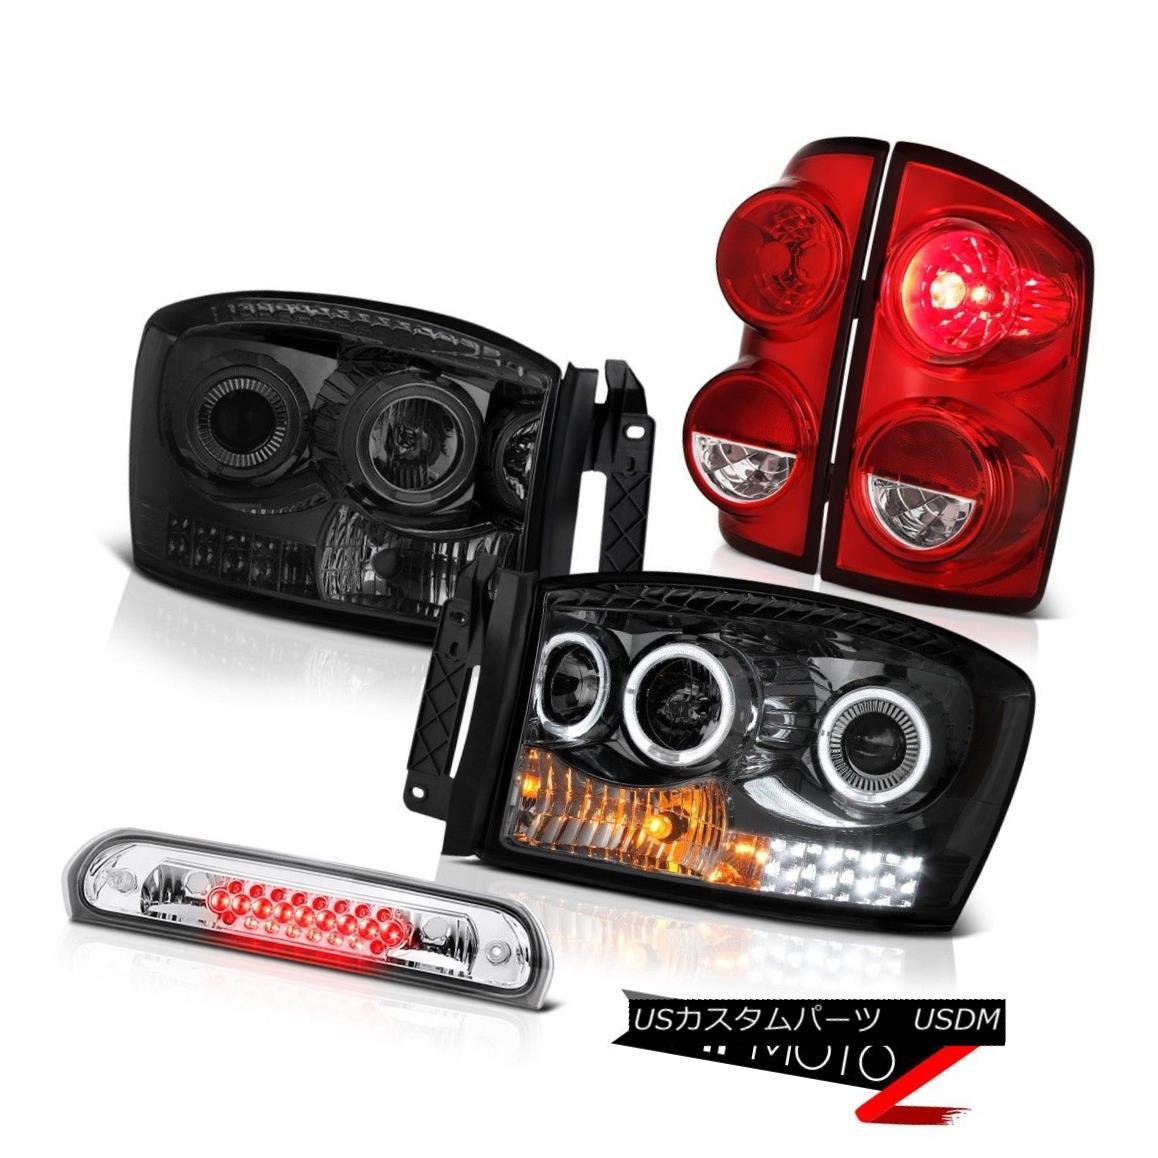 テールライト 07-09 Dodge Ram 2500 3500 SLT Wine Red Taillamps Headlamps Roof Brake Lamp LED 07-09 Dodge Ram 2500 3500 SLTワインレッドタイランプヘッドランプルーフブレーキランプLED